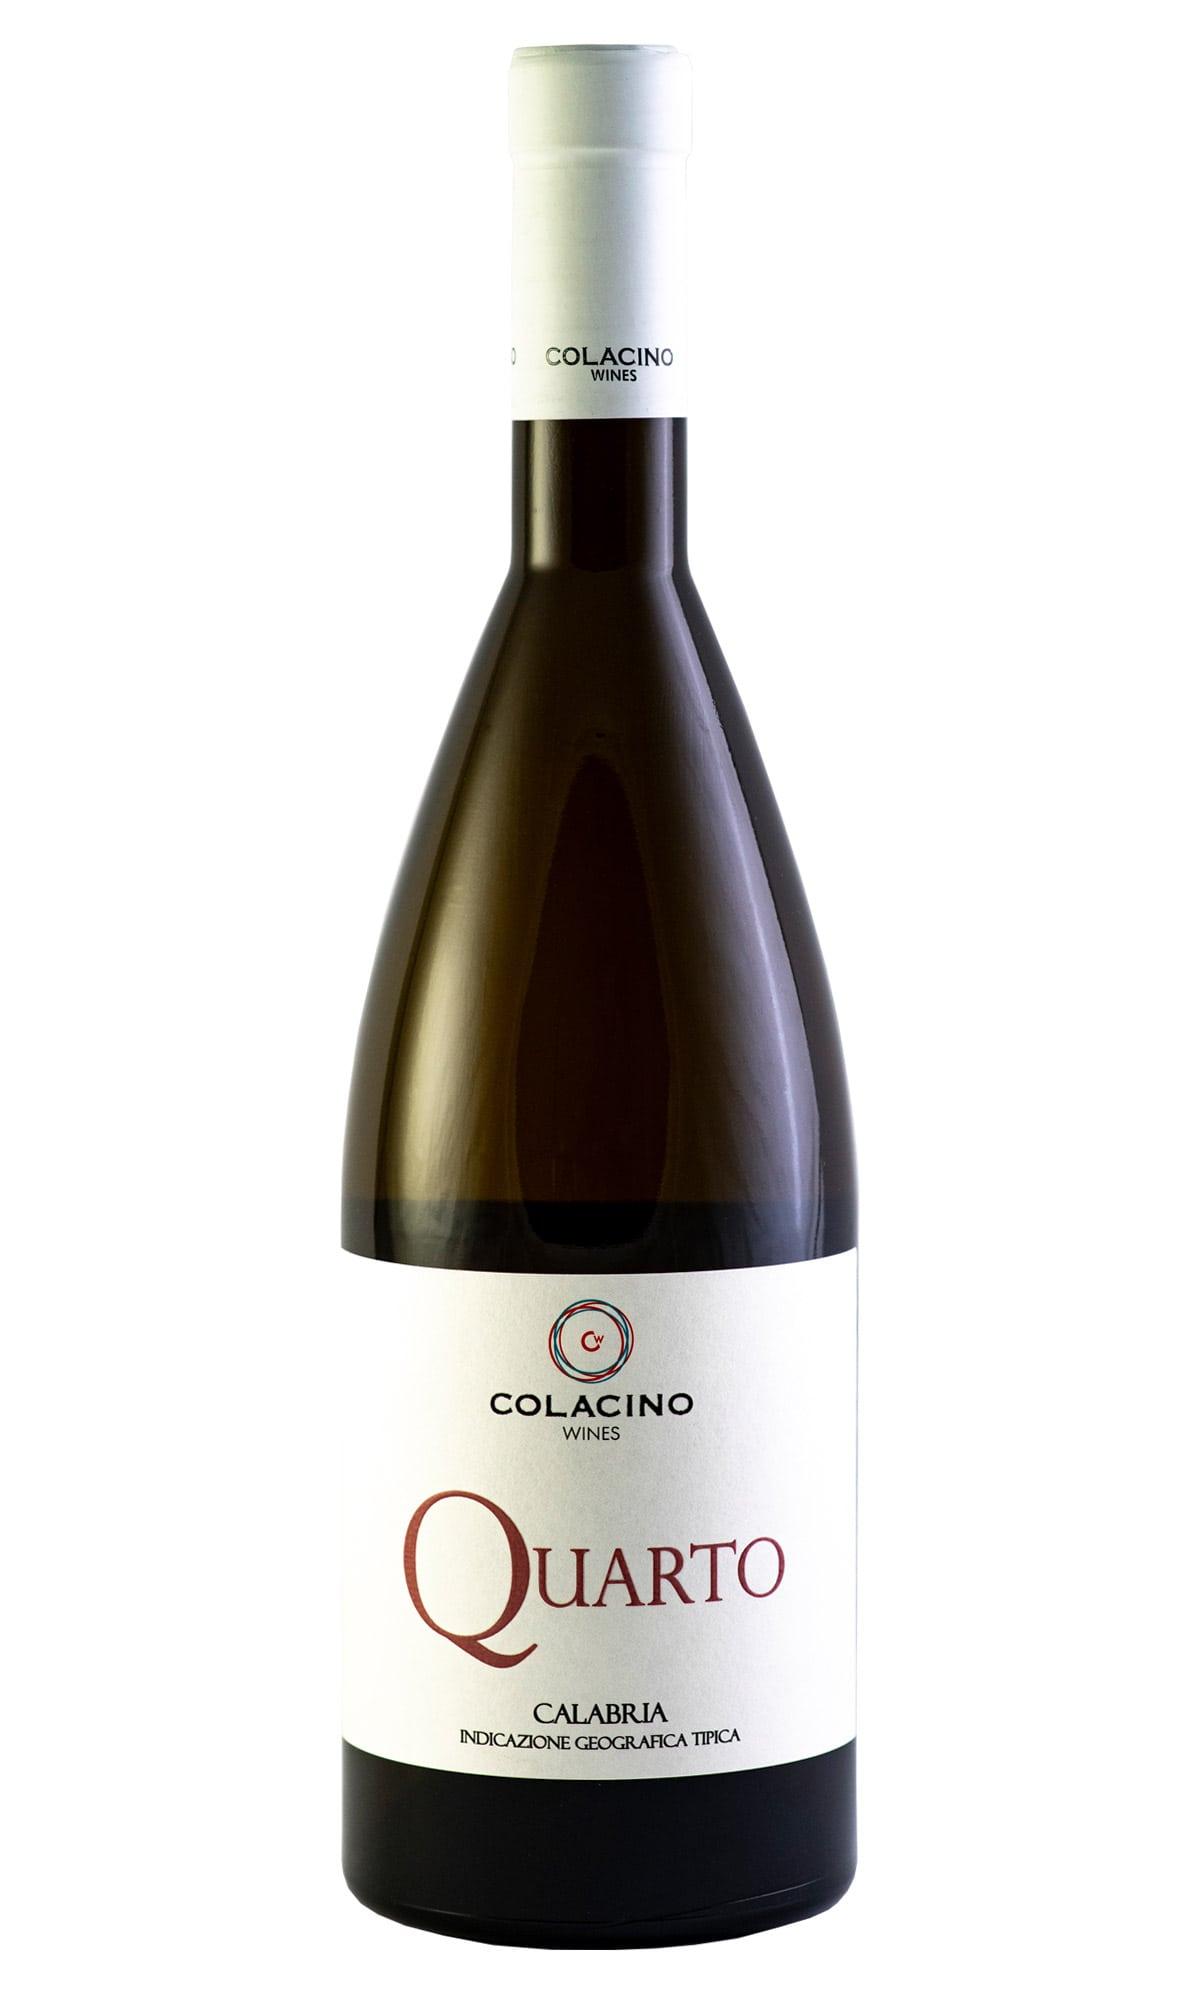 Colacino wines - Quarto IGT